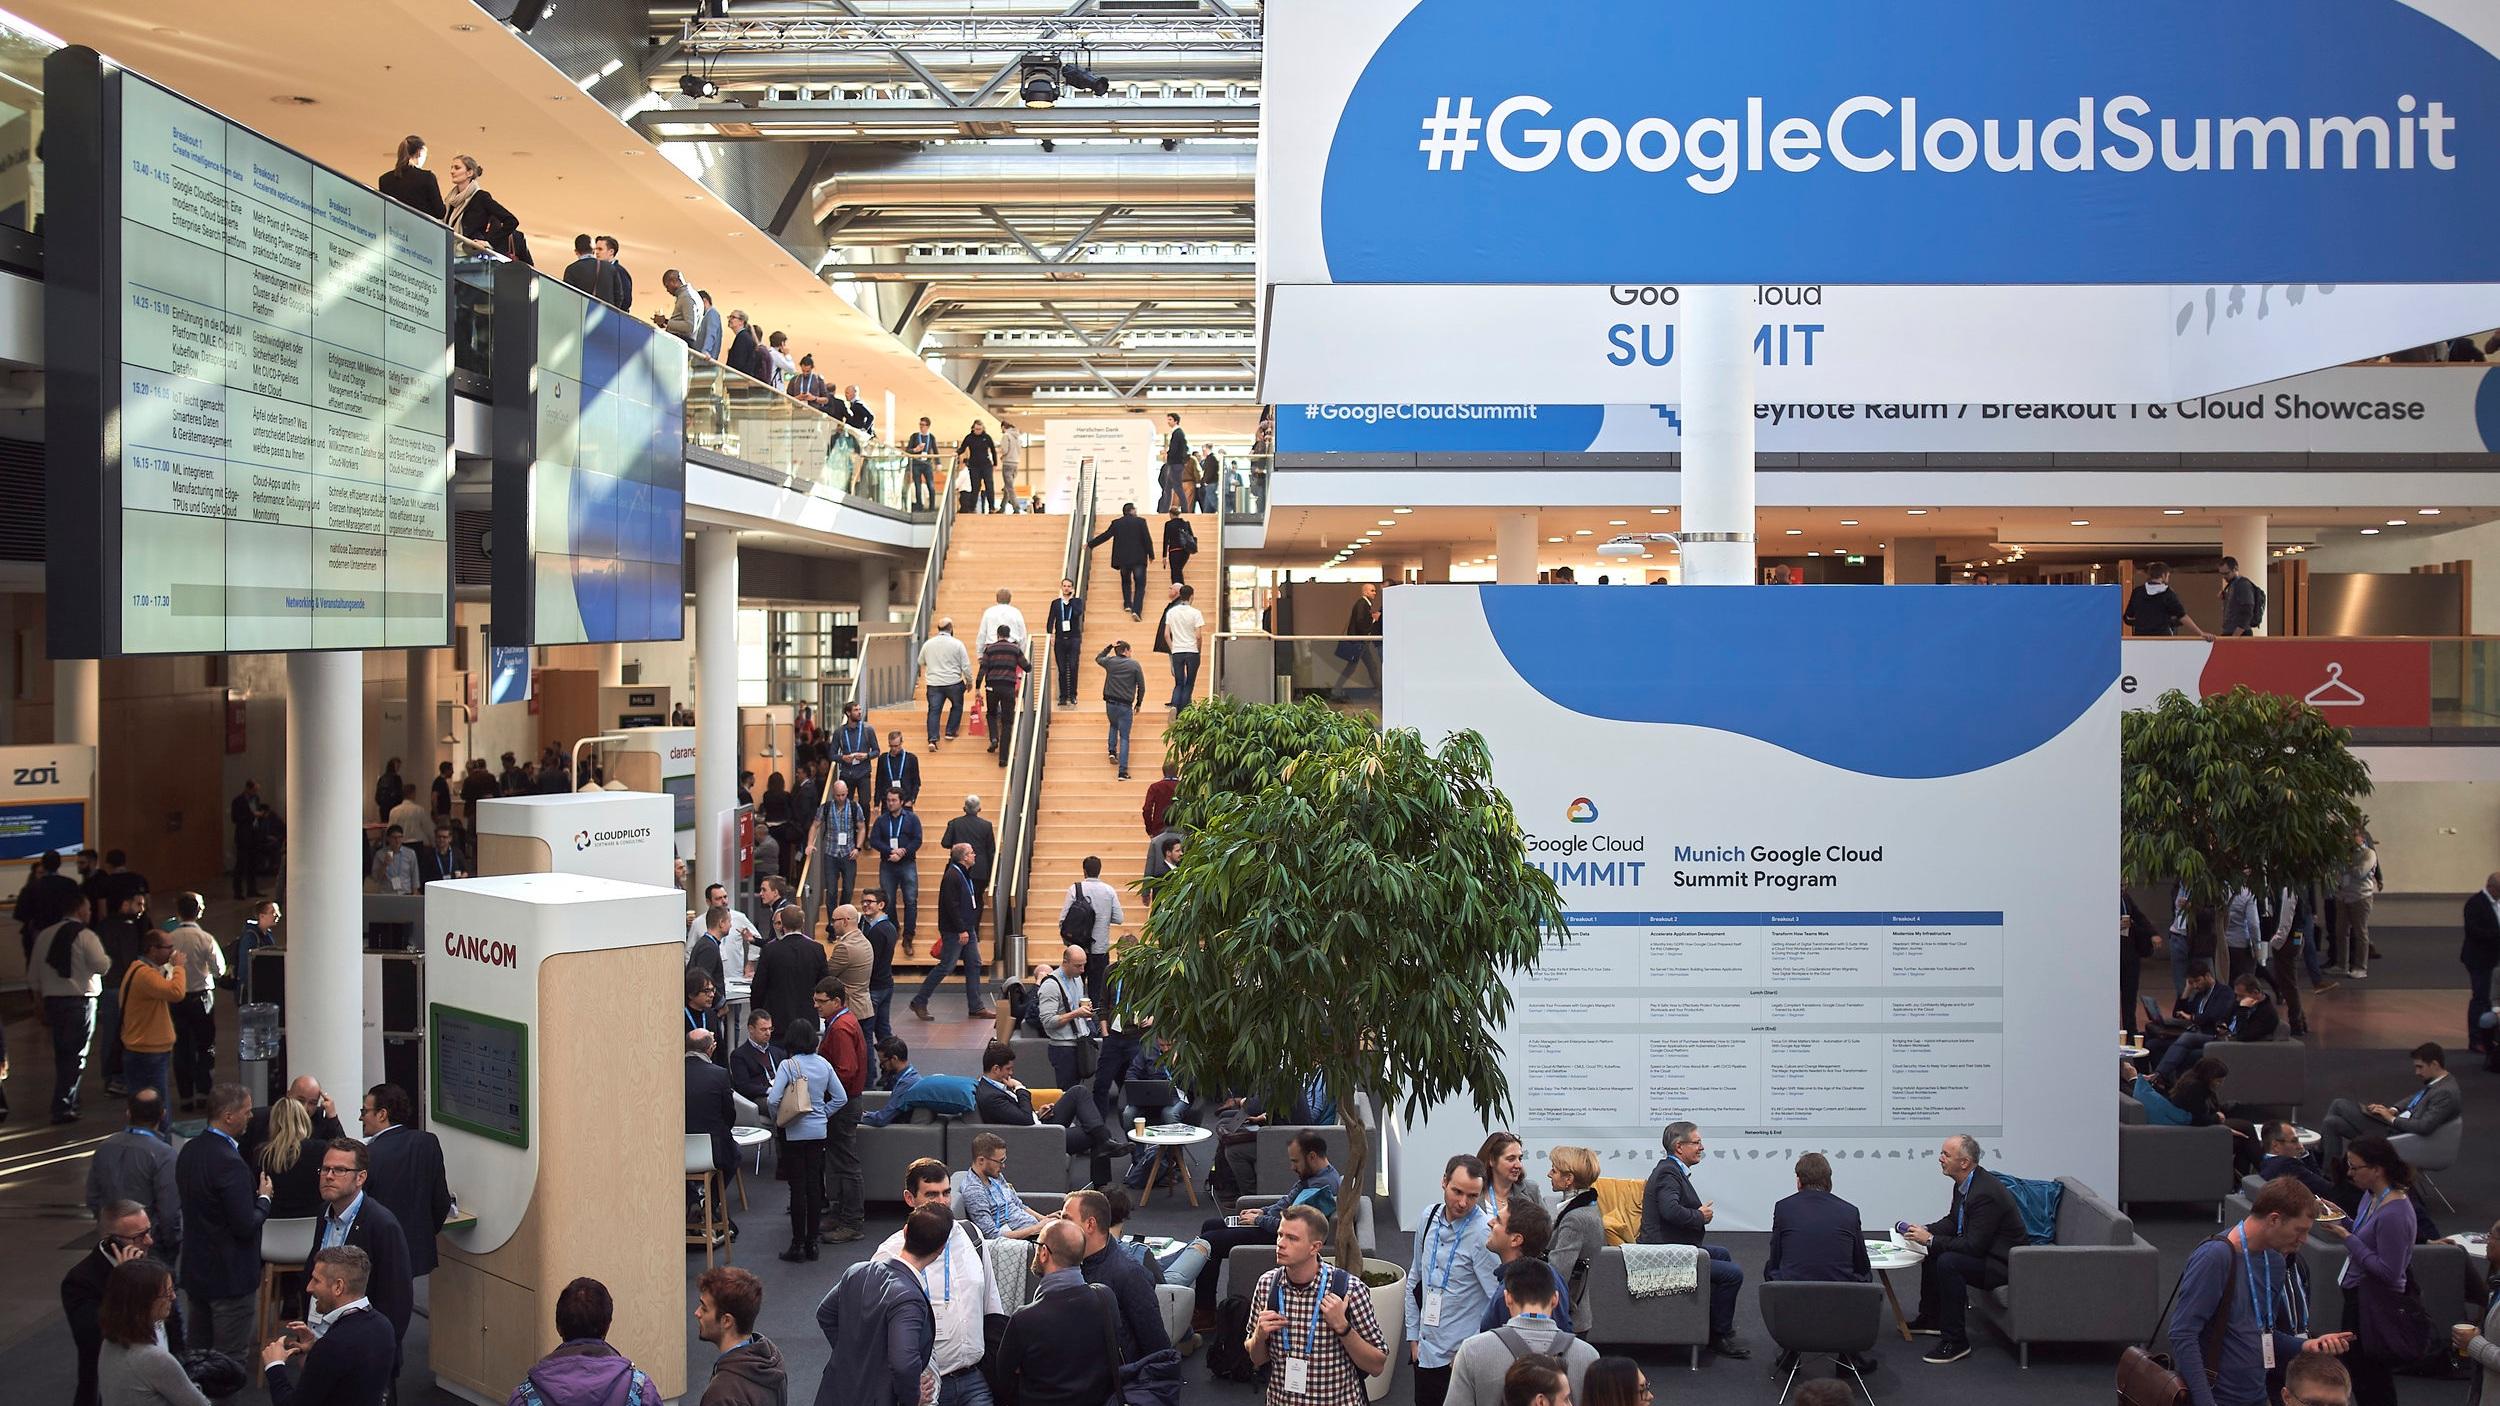 Fabian_Vogl_2018-11-20_Google_Cloud_Summit_0311.jpg